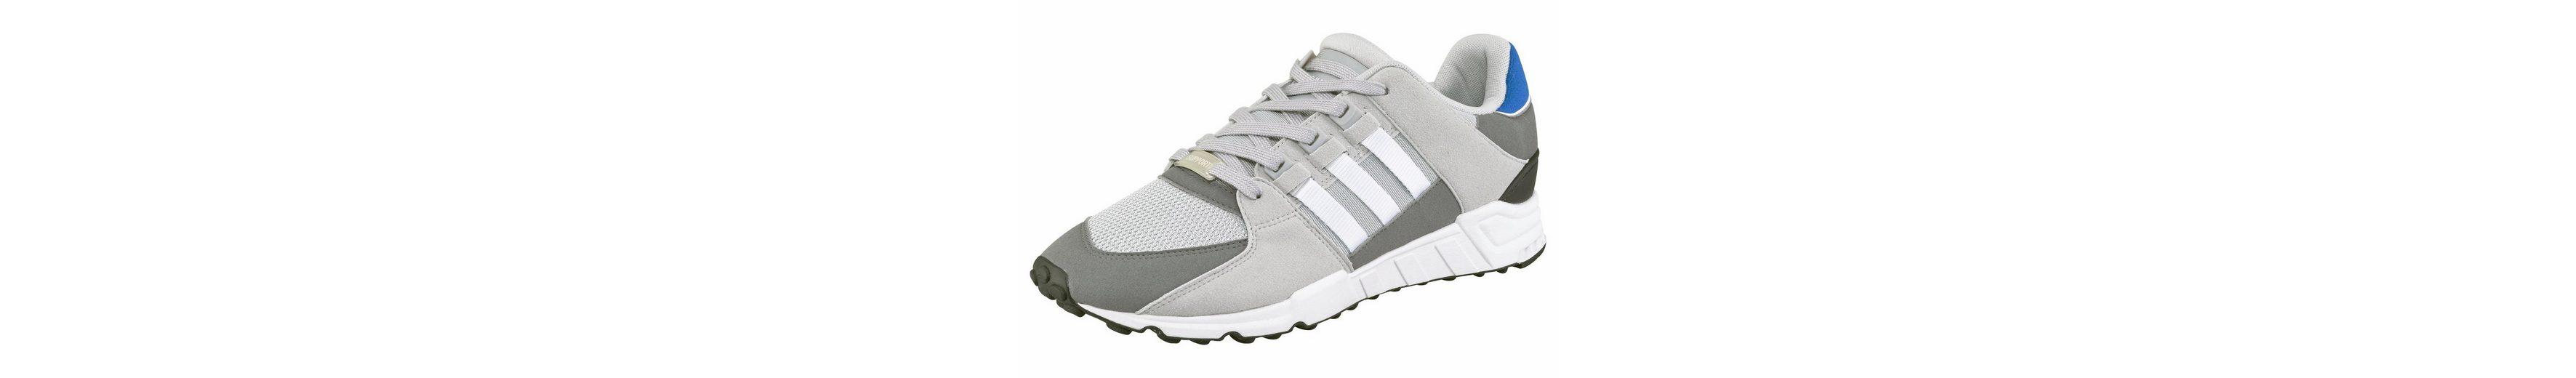 adidas Originals EQT Support RF Sneaker Billig Verkaufen Bilder Manchester Große Online-Verkauf Authentisch Günstig Online Die Kostenlose Versand Hochwertiger 0RqOJ